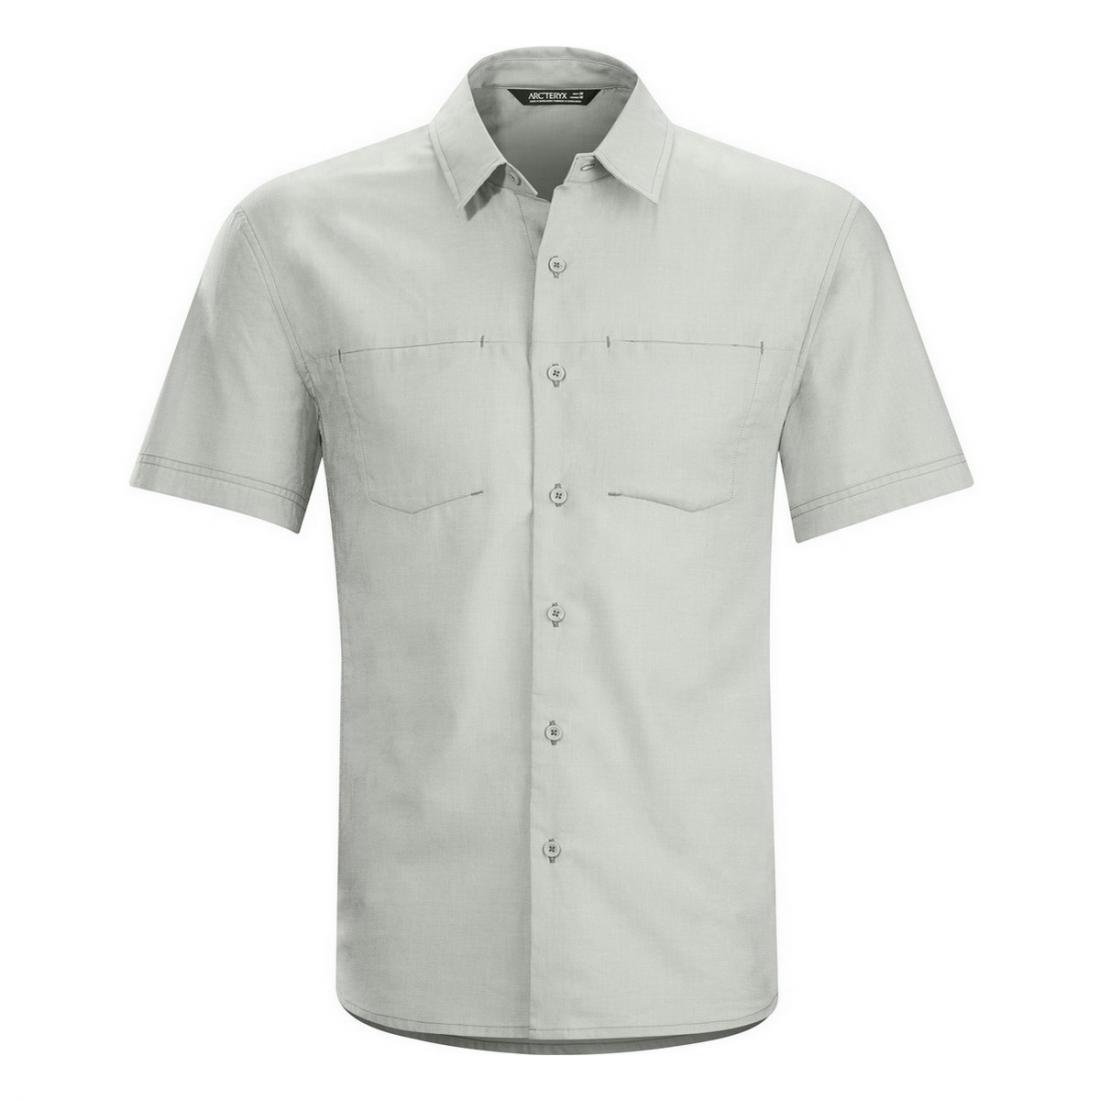 Рубашка Joffre SS Shirt муж.Рубашки<br><br> Arcteryx Joffre SS Shirt Mens – стильная мужская рубашка с коротким рукавом для повседневной носки в городе. Модель также пригодится в путешествии: ...<br><br>Цвет: Серый<br>Размер: L